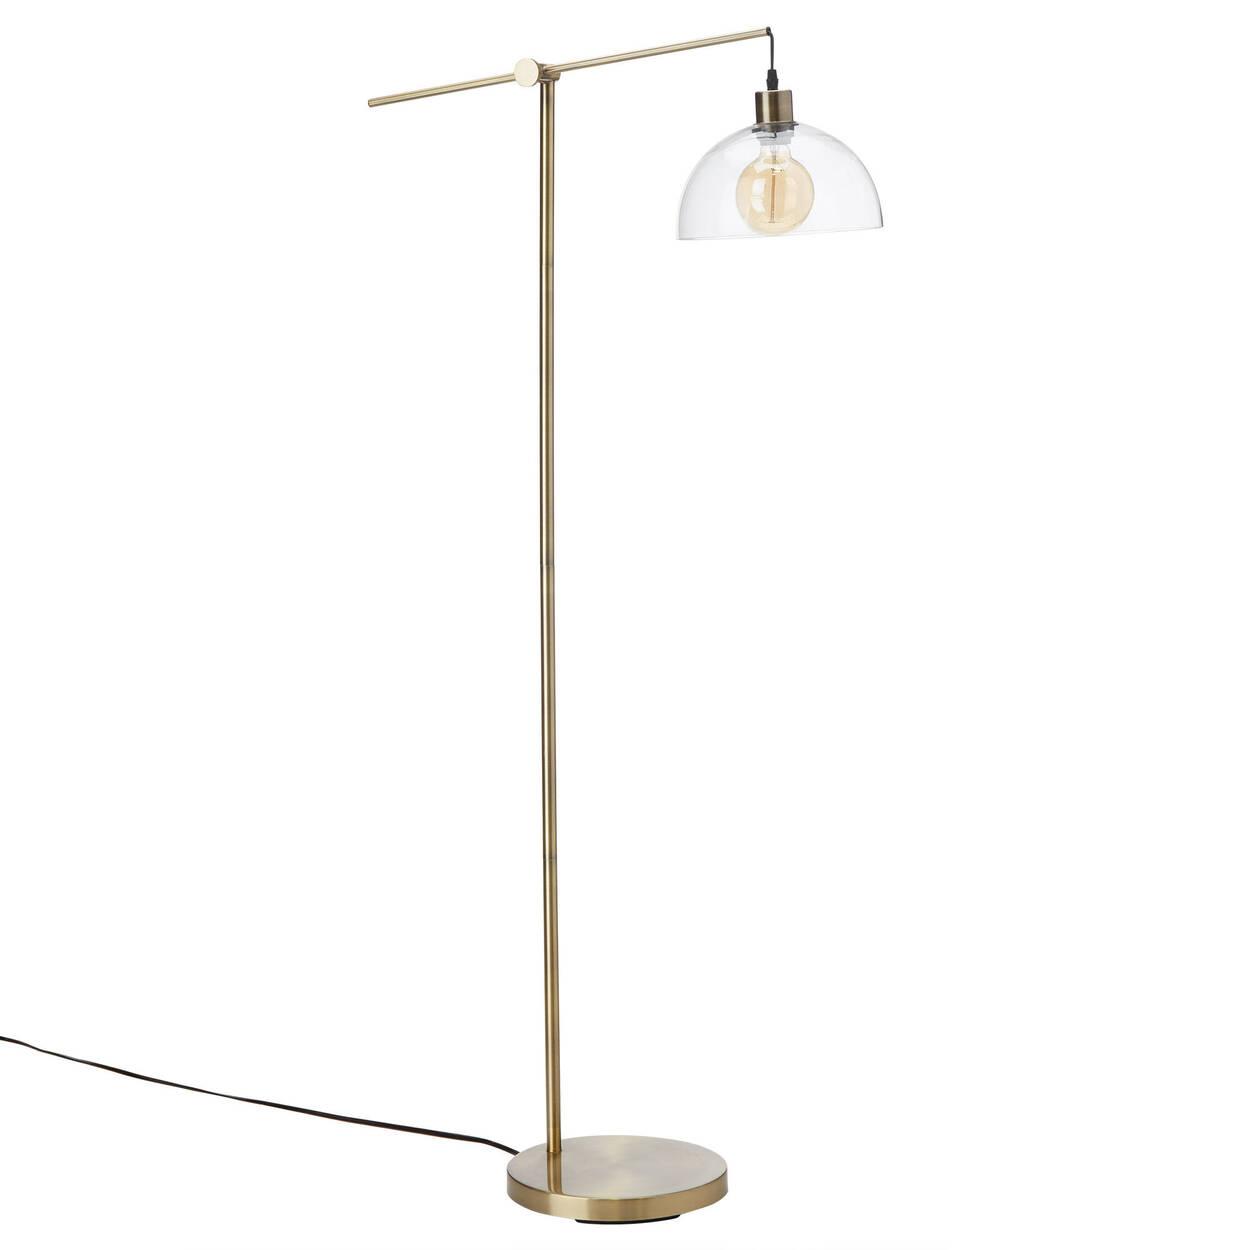 Lampe sur pied en verre avec base en métal doré